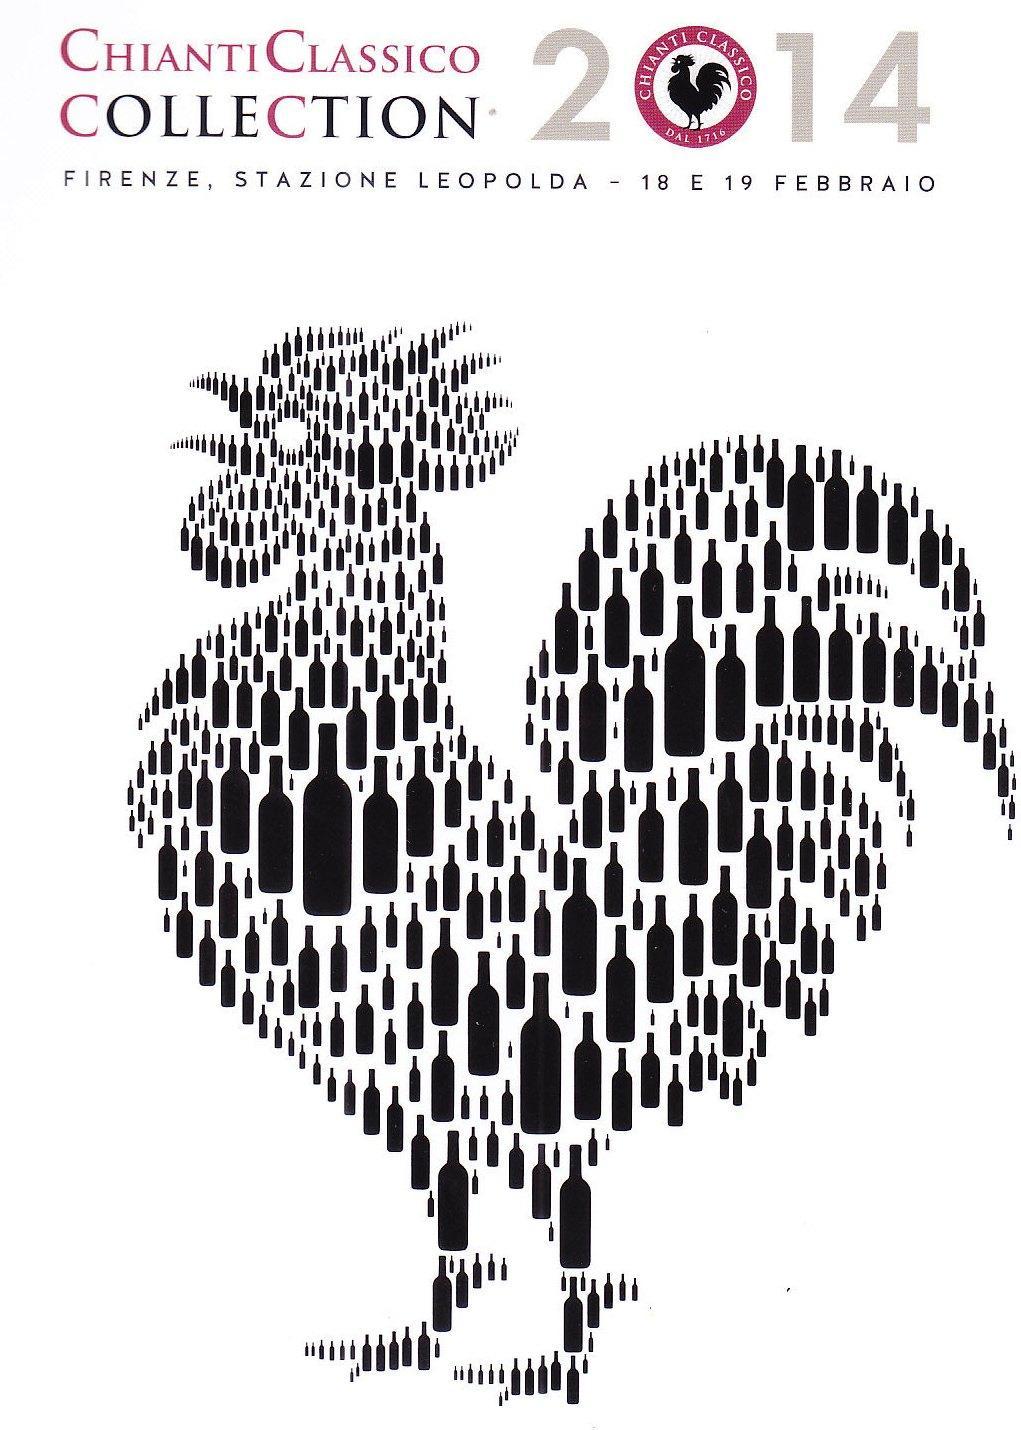 Chianti Classico Collection_logo